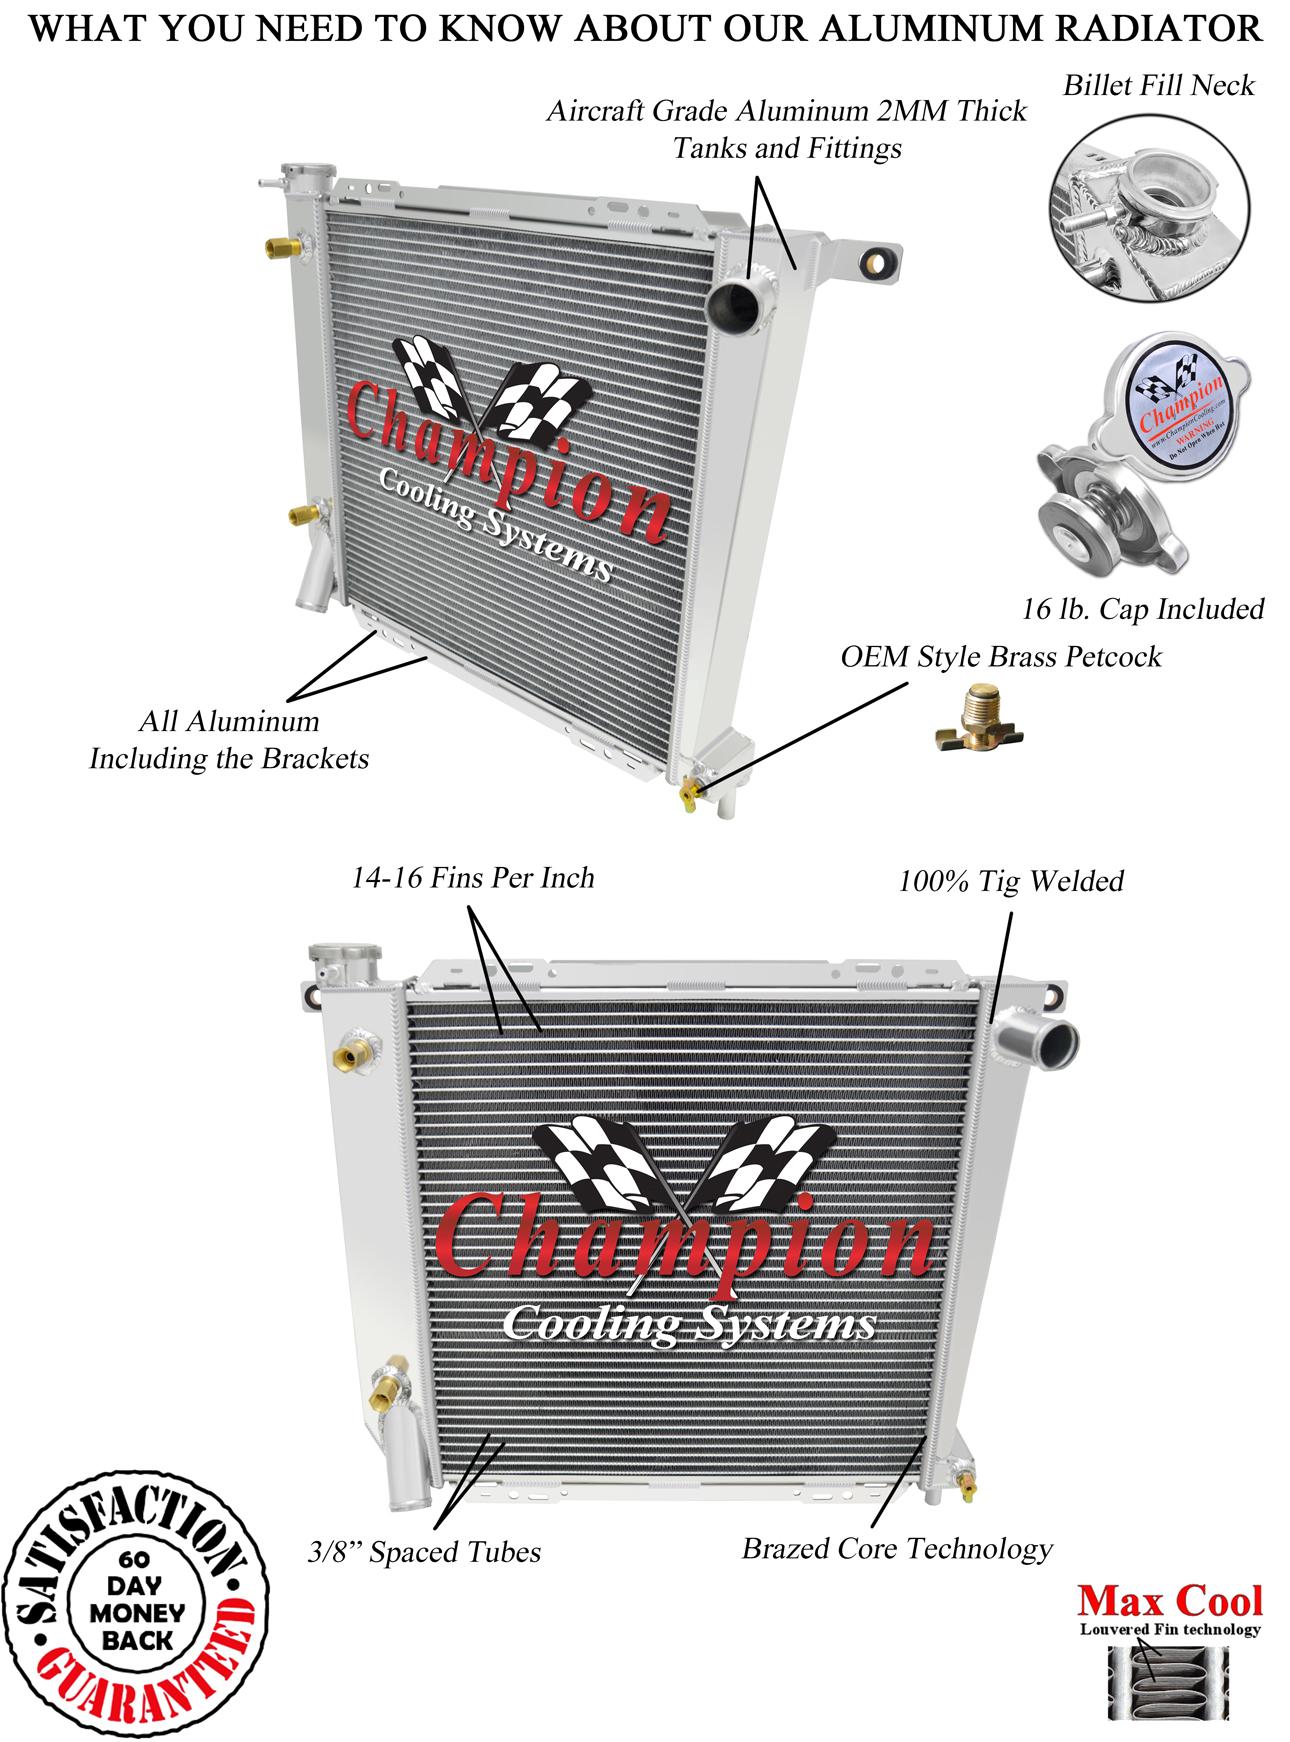 3 Row Performance Champion Radiator for 1985 - 1994 Ford Ranger V6 Engine